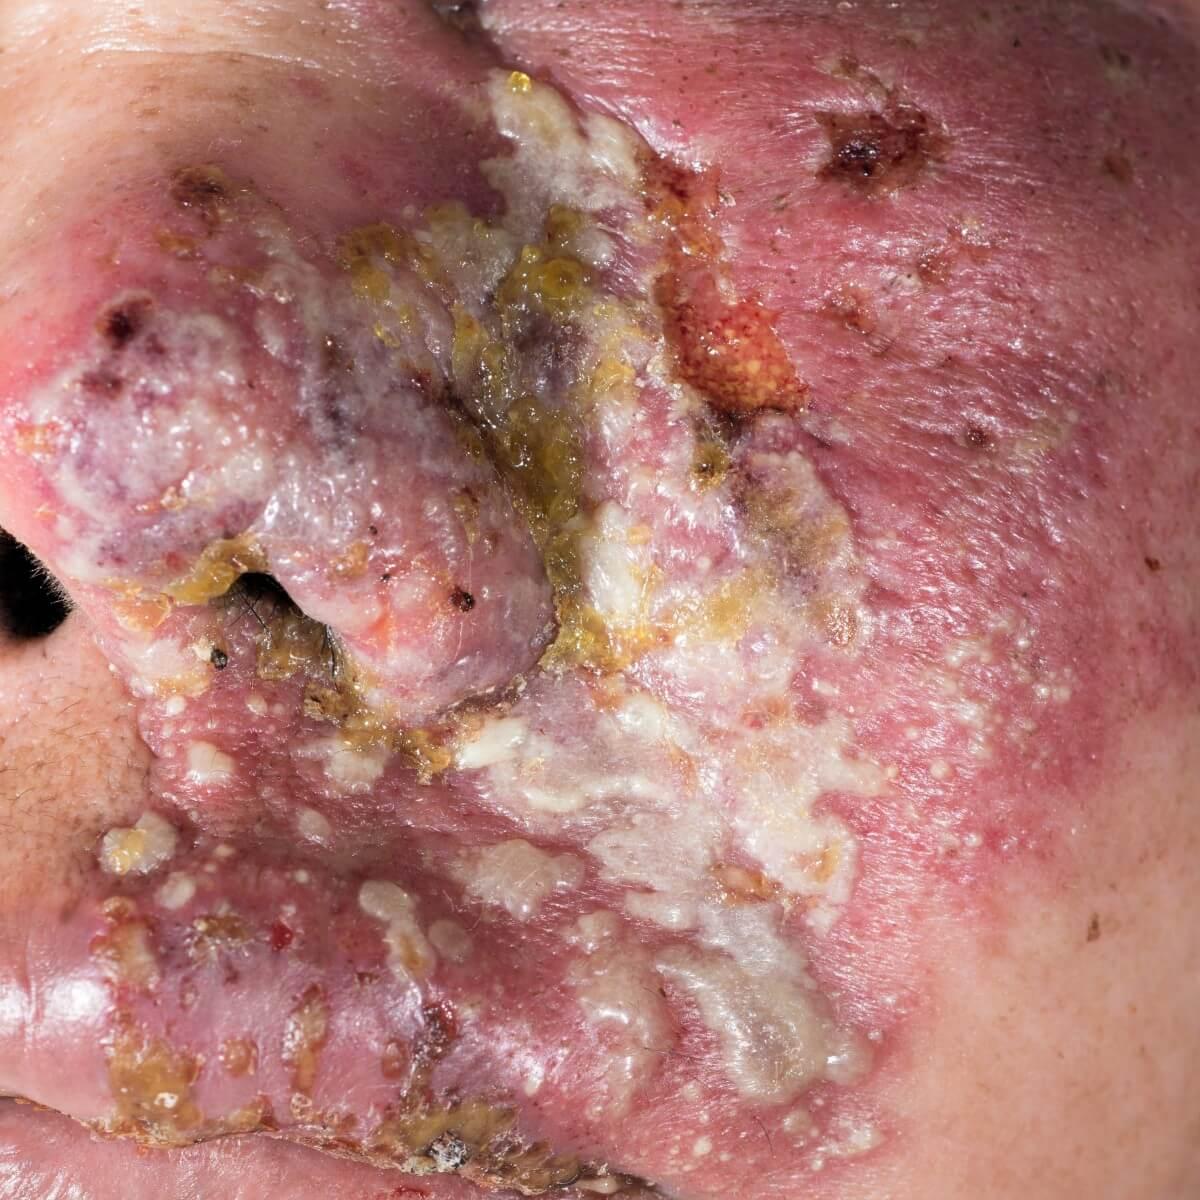 Gürtelrose / Herpes Zoster Infektion im Gesicht